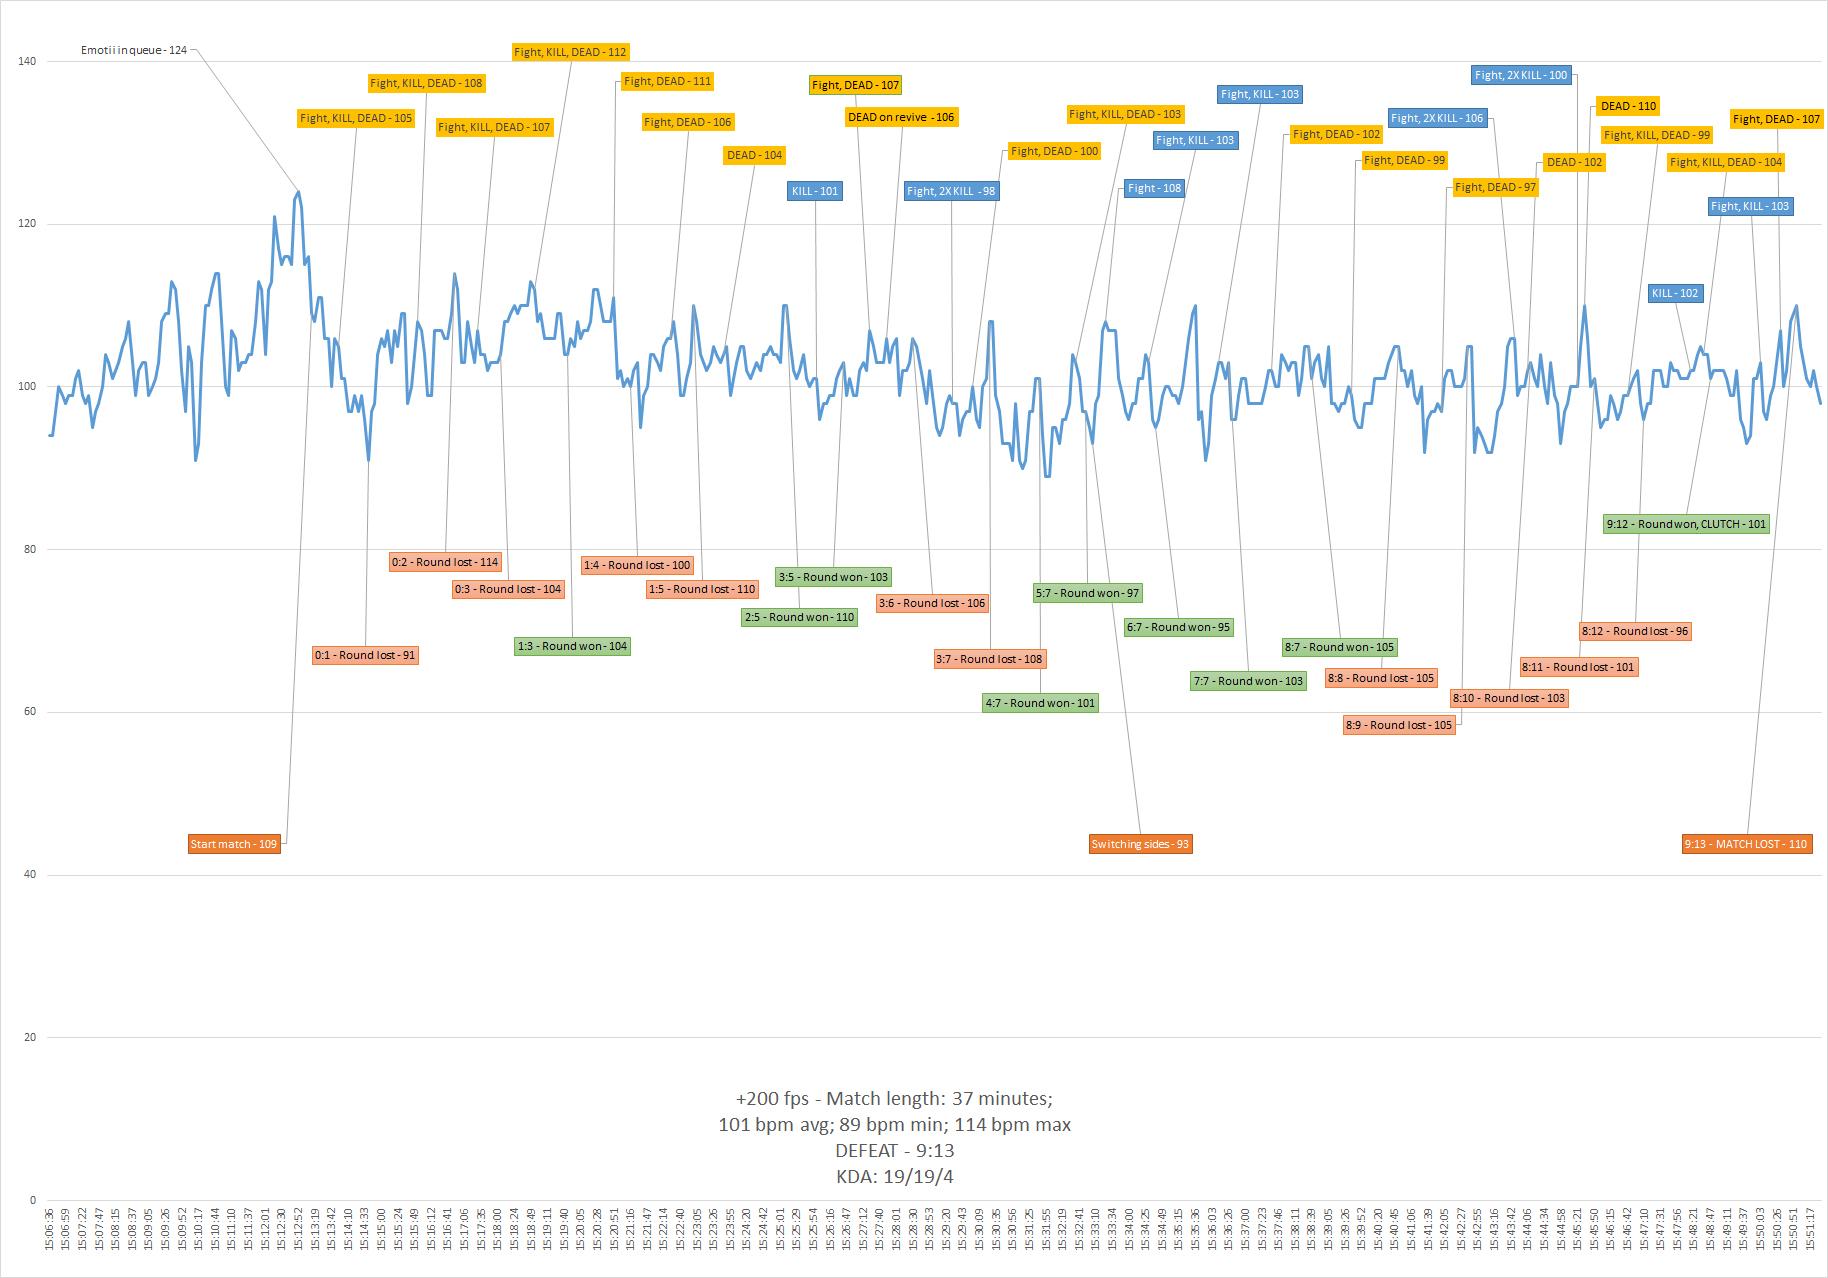 graficul de meci 91